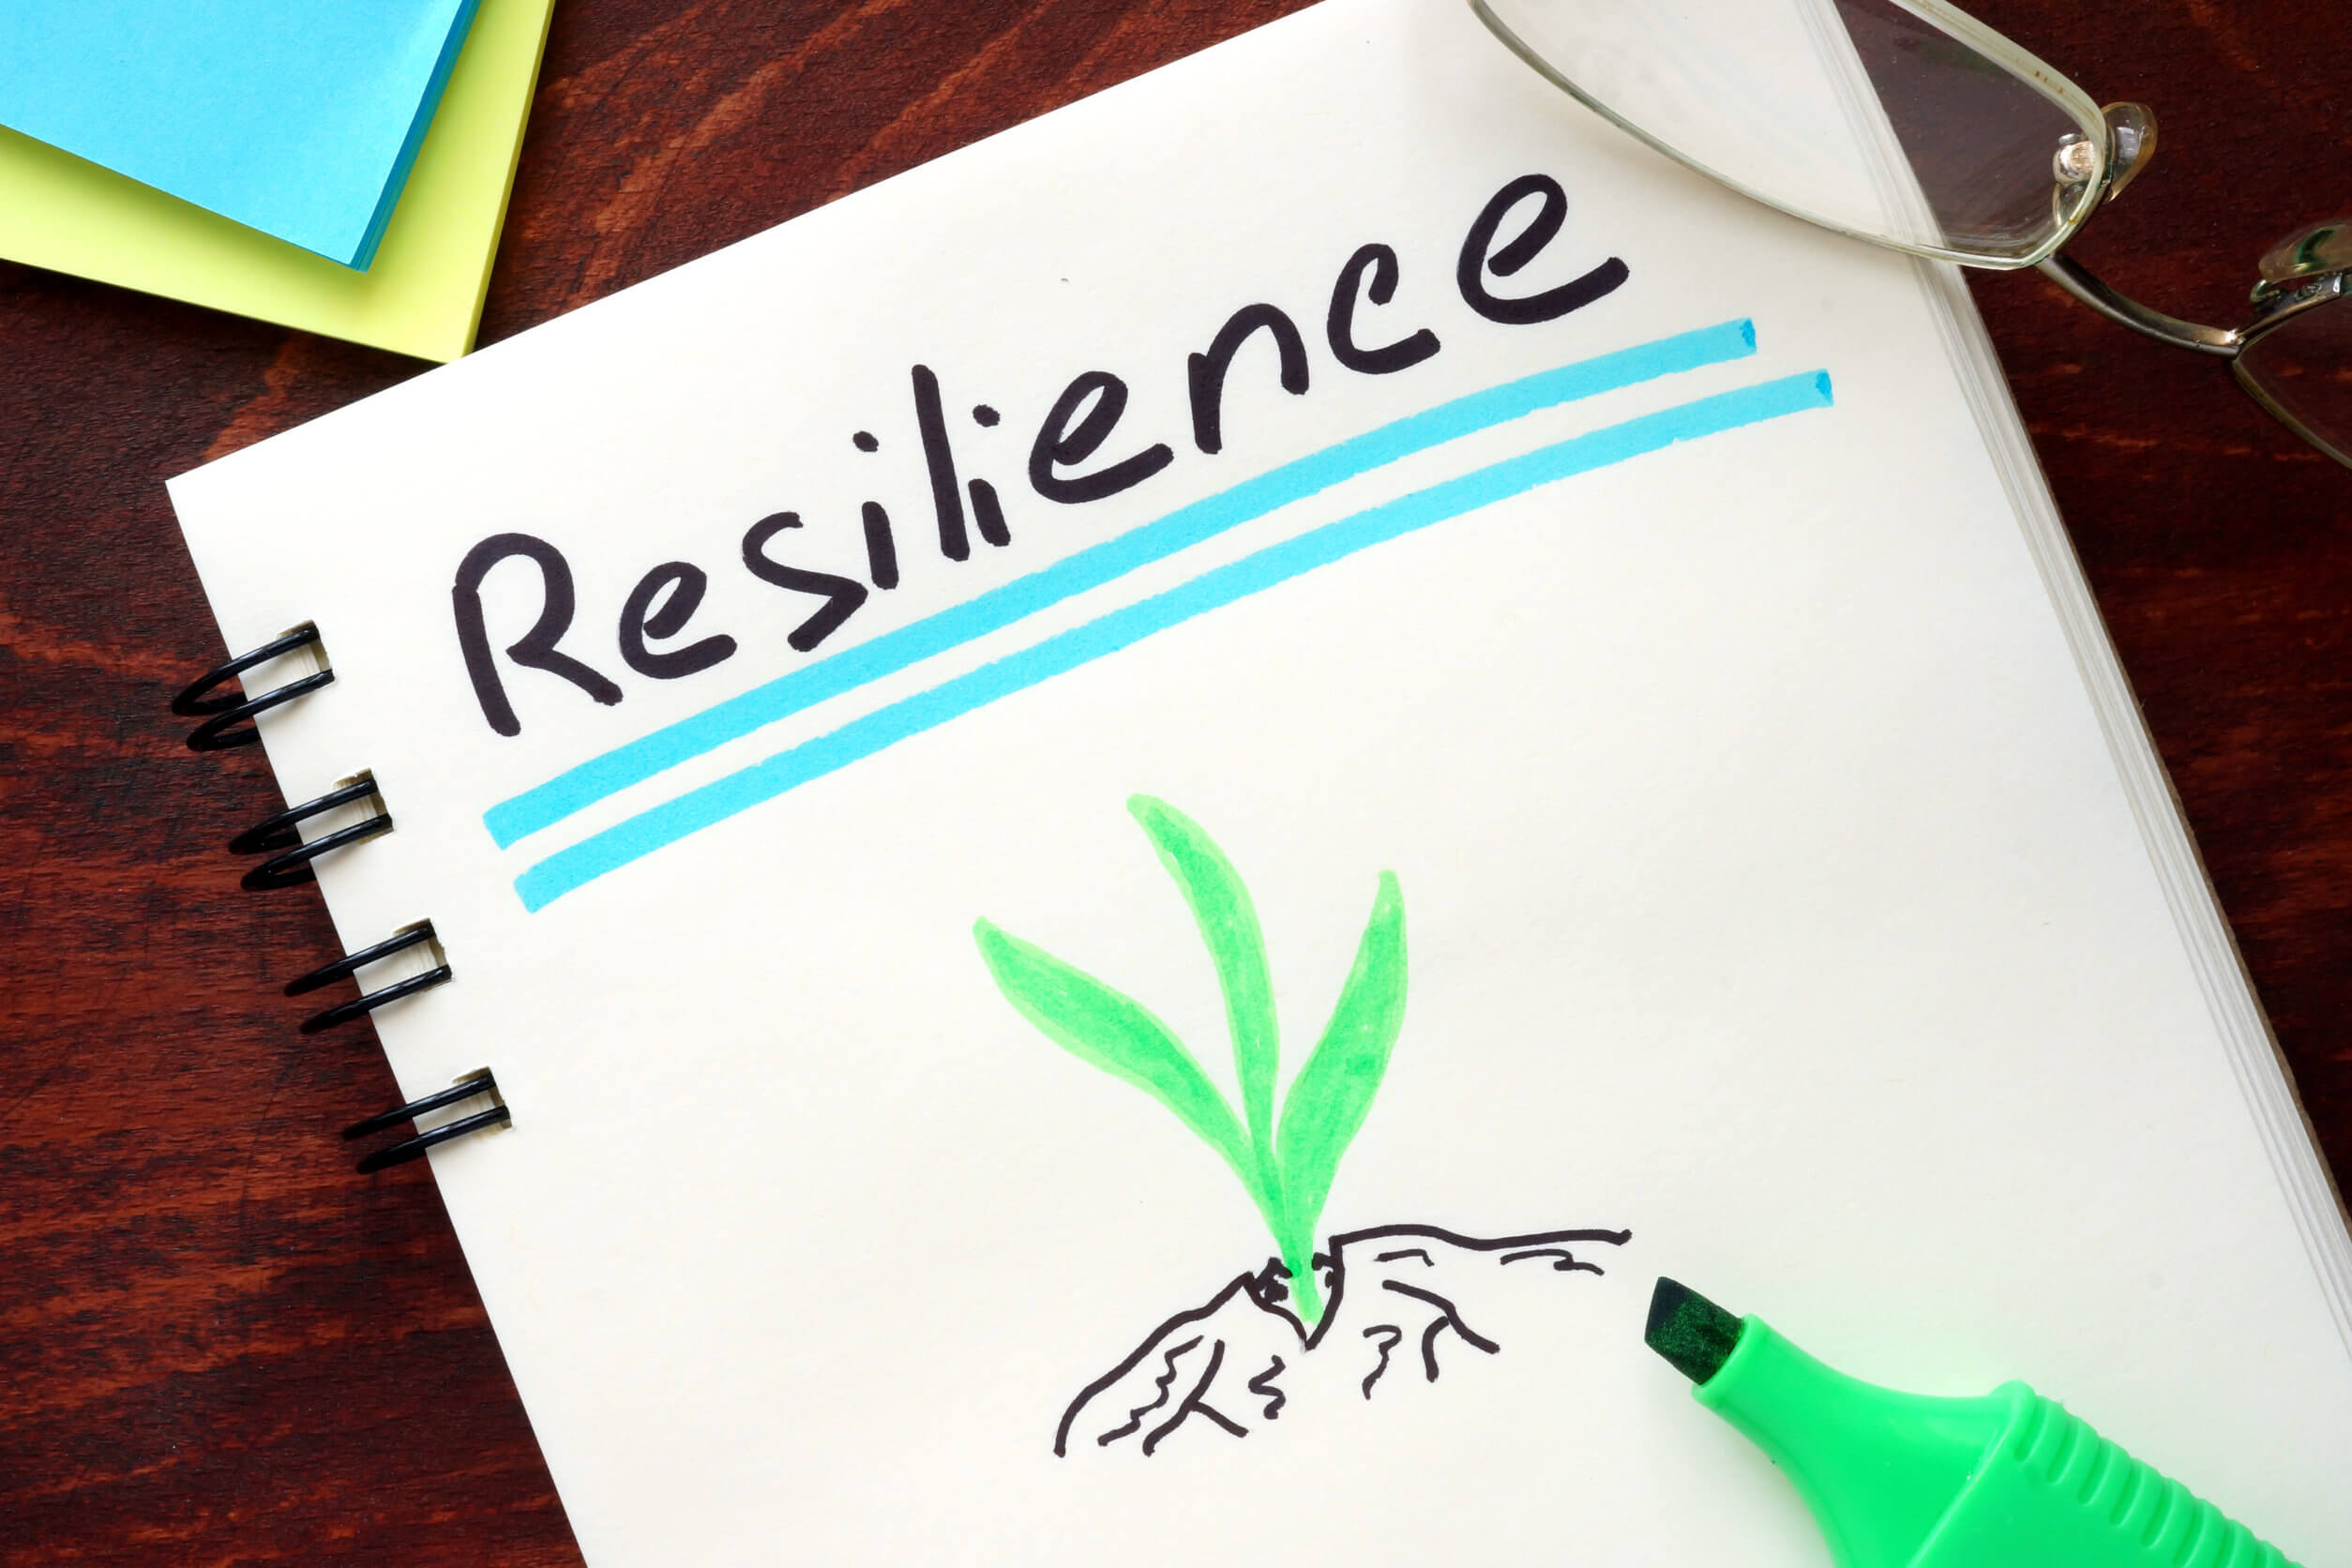 La resiliencia se aprende